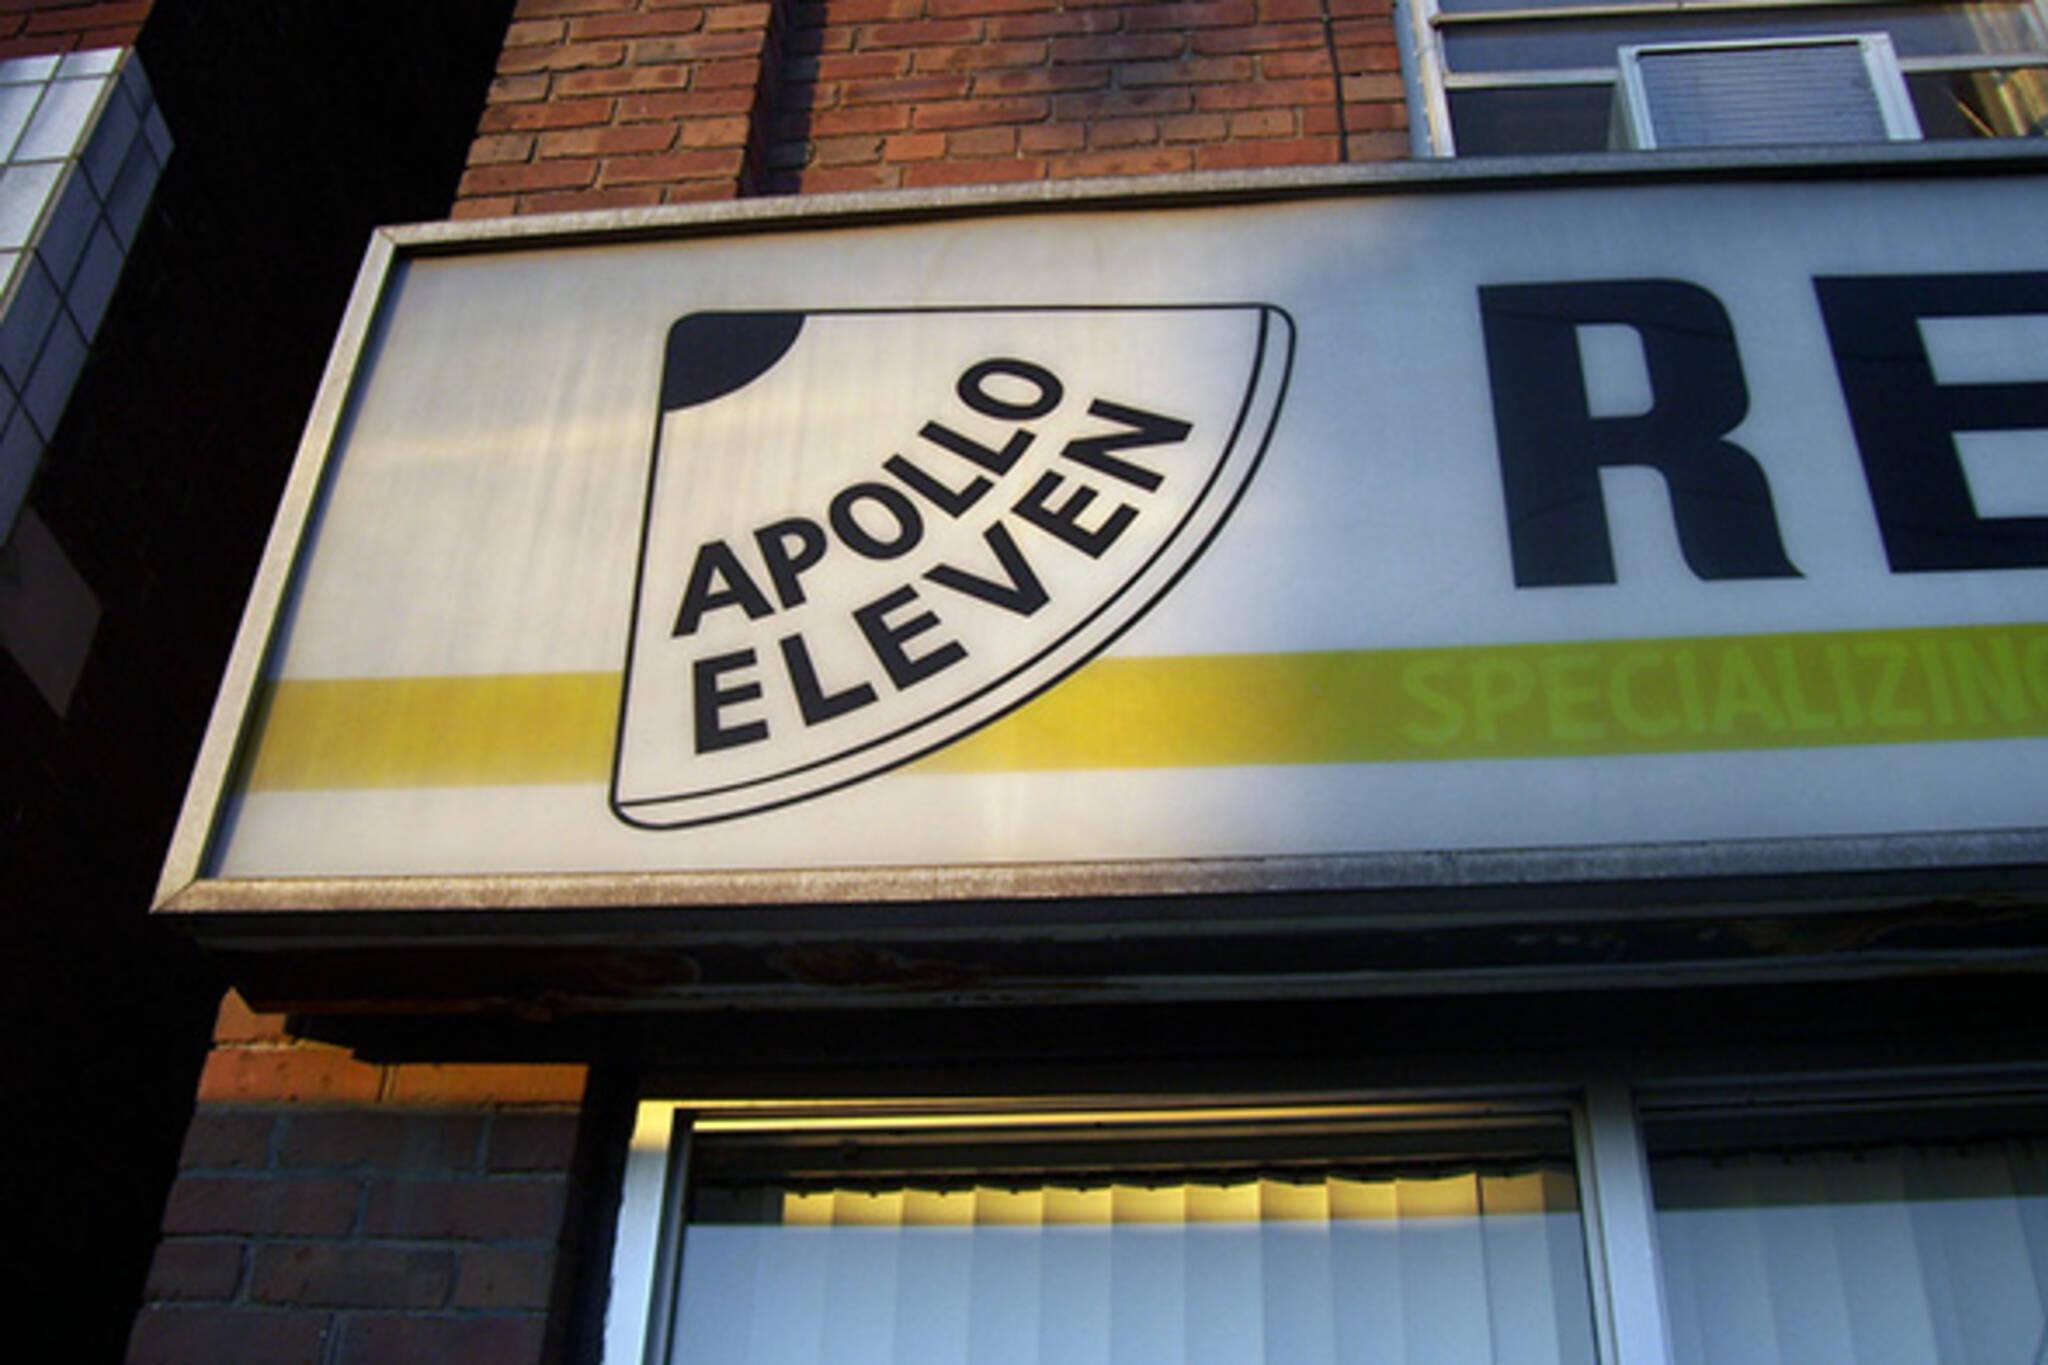 Apollo Eleven Restaurant